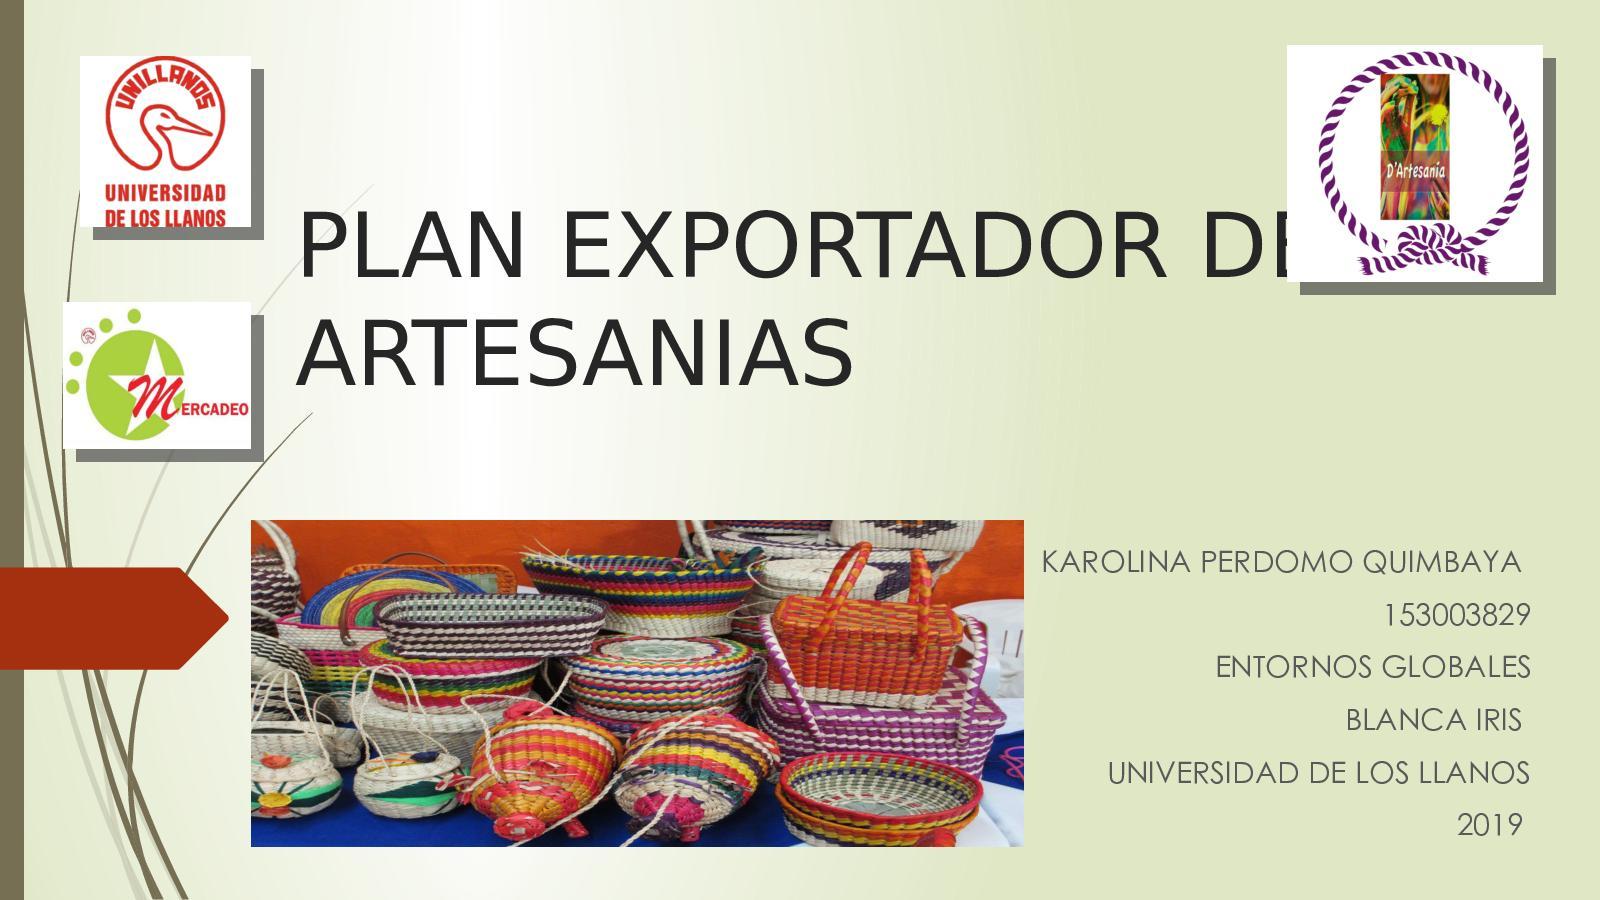 Plan Exportador De Artesanias